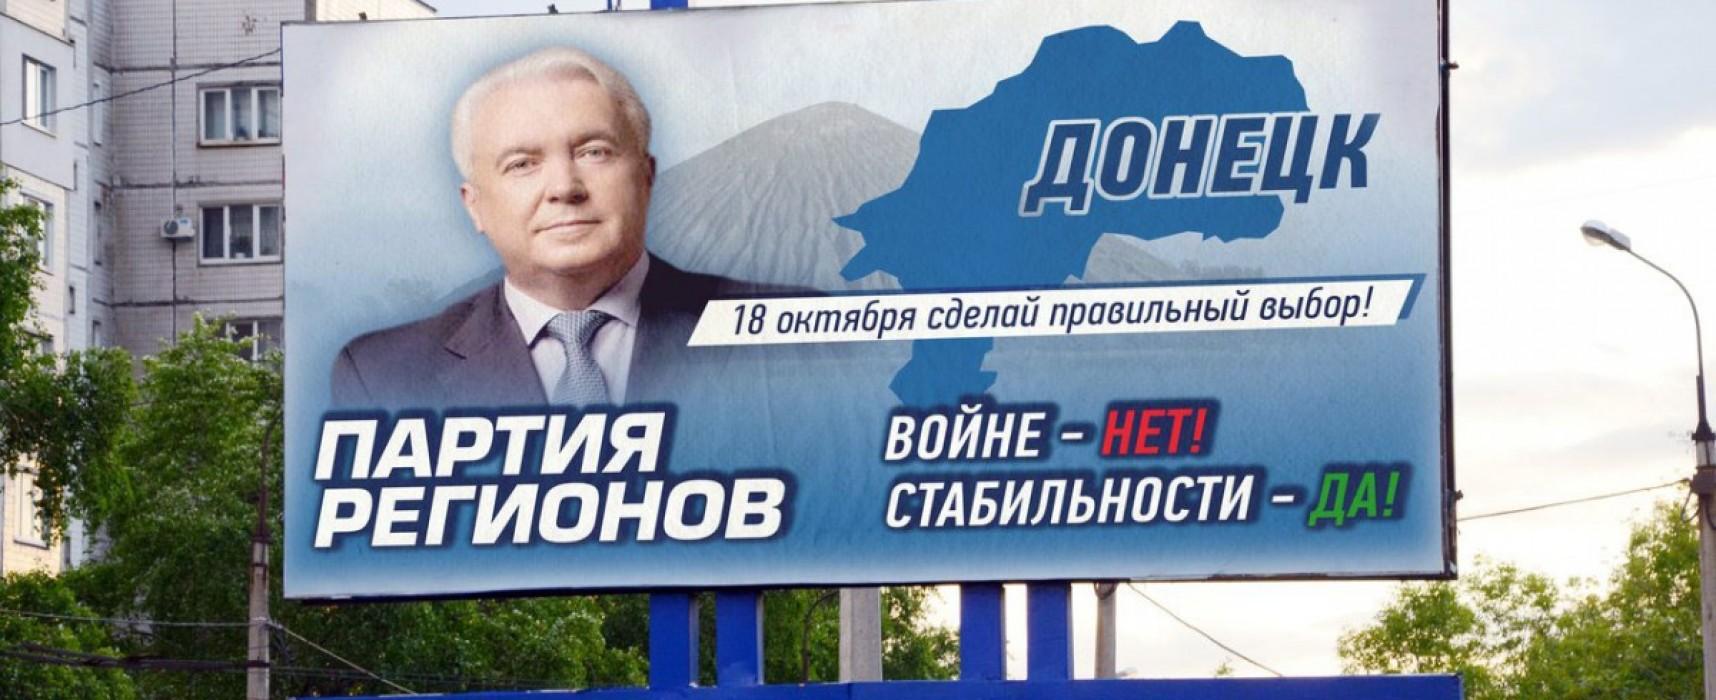 Фотофейк: Партия Регионов примет участие в выборах «ДНР»